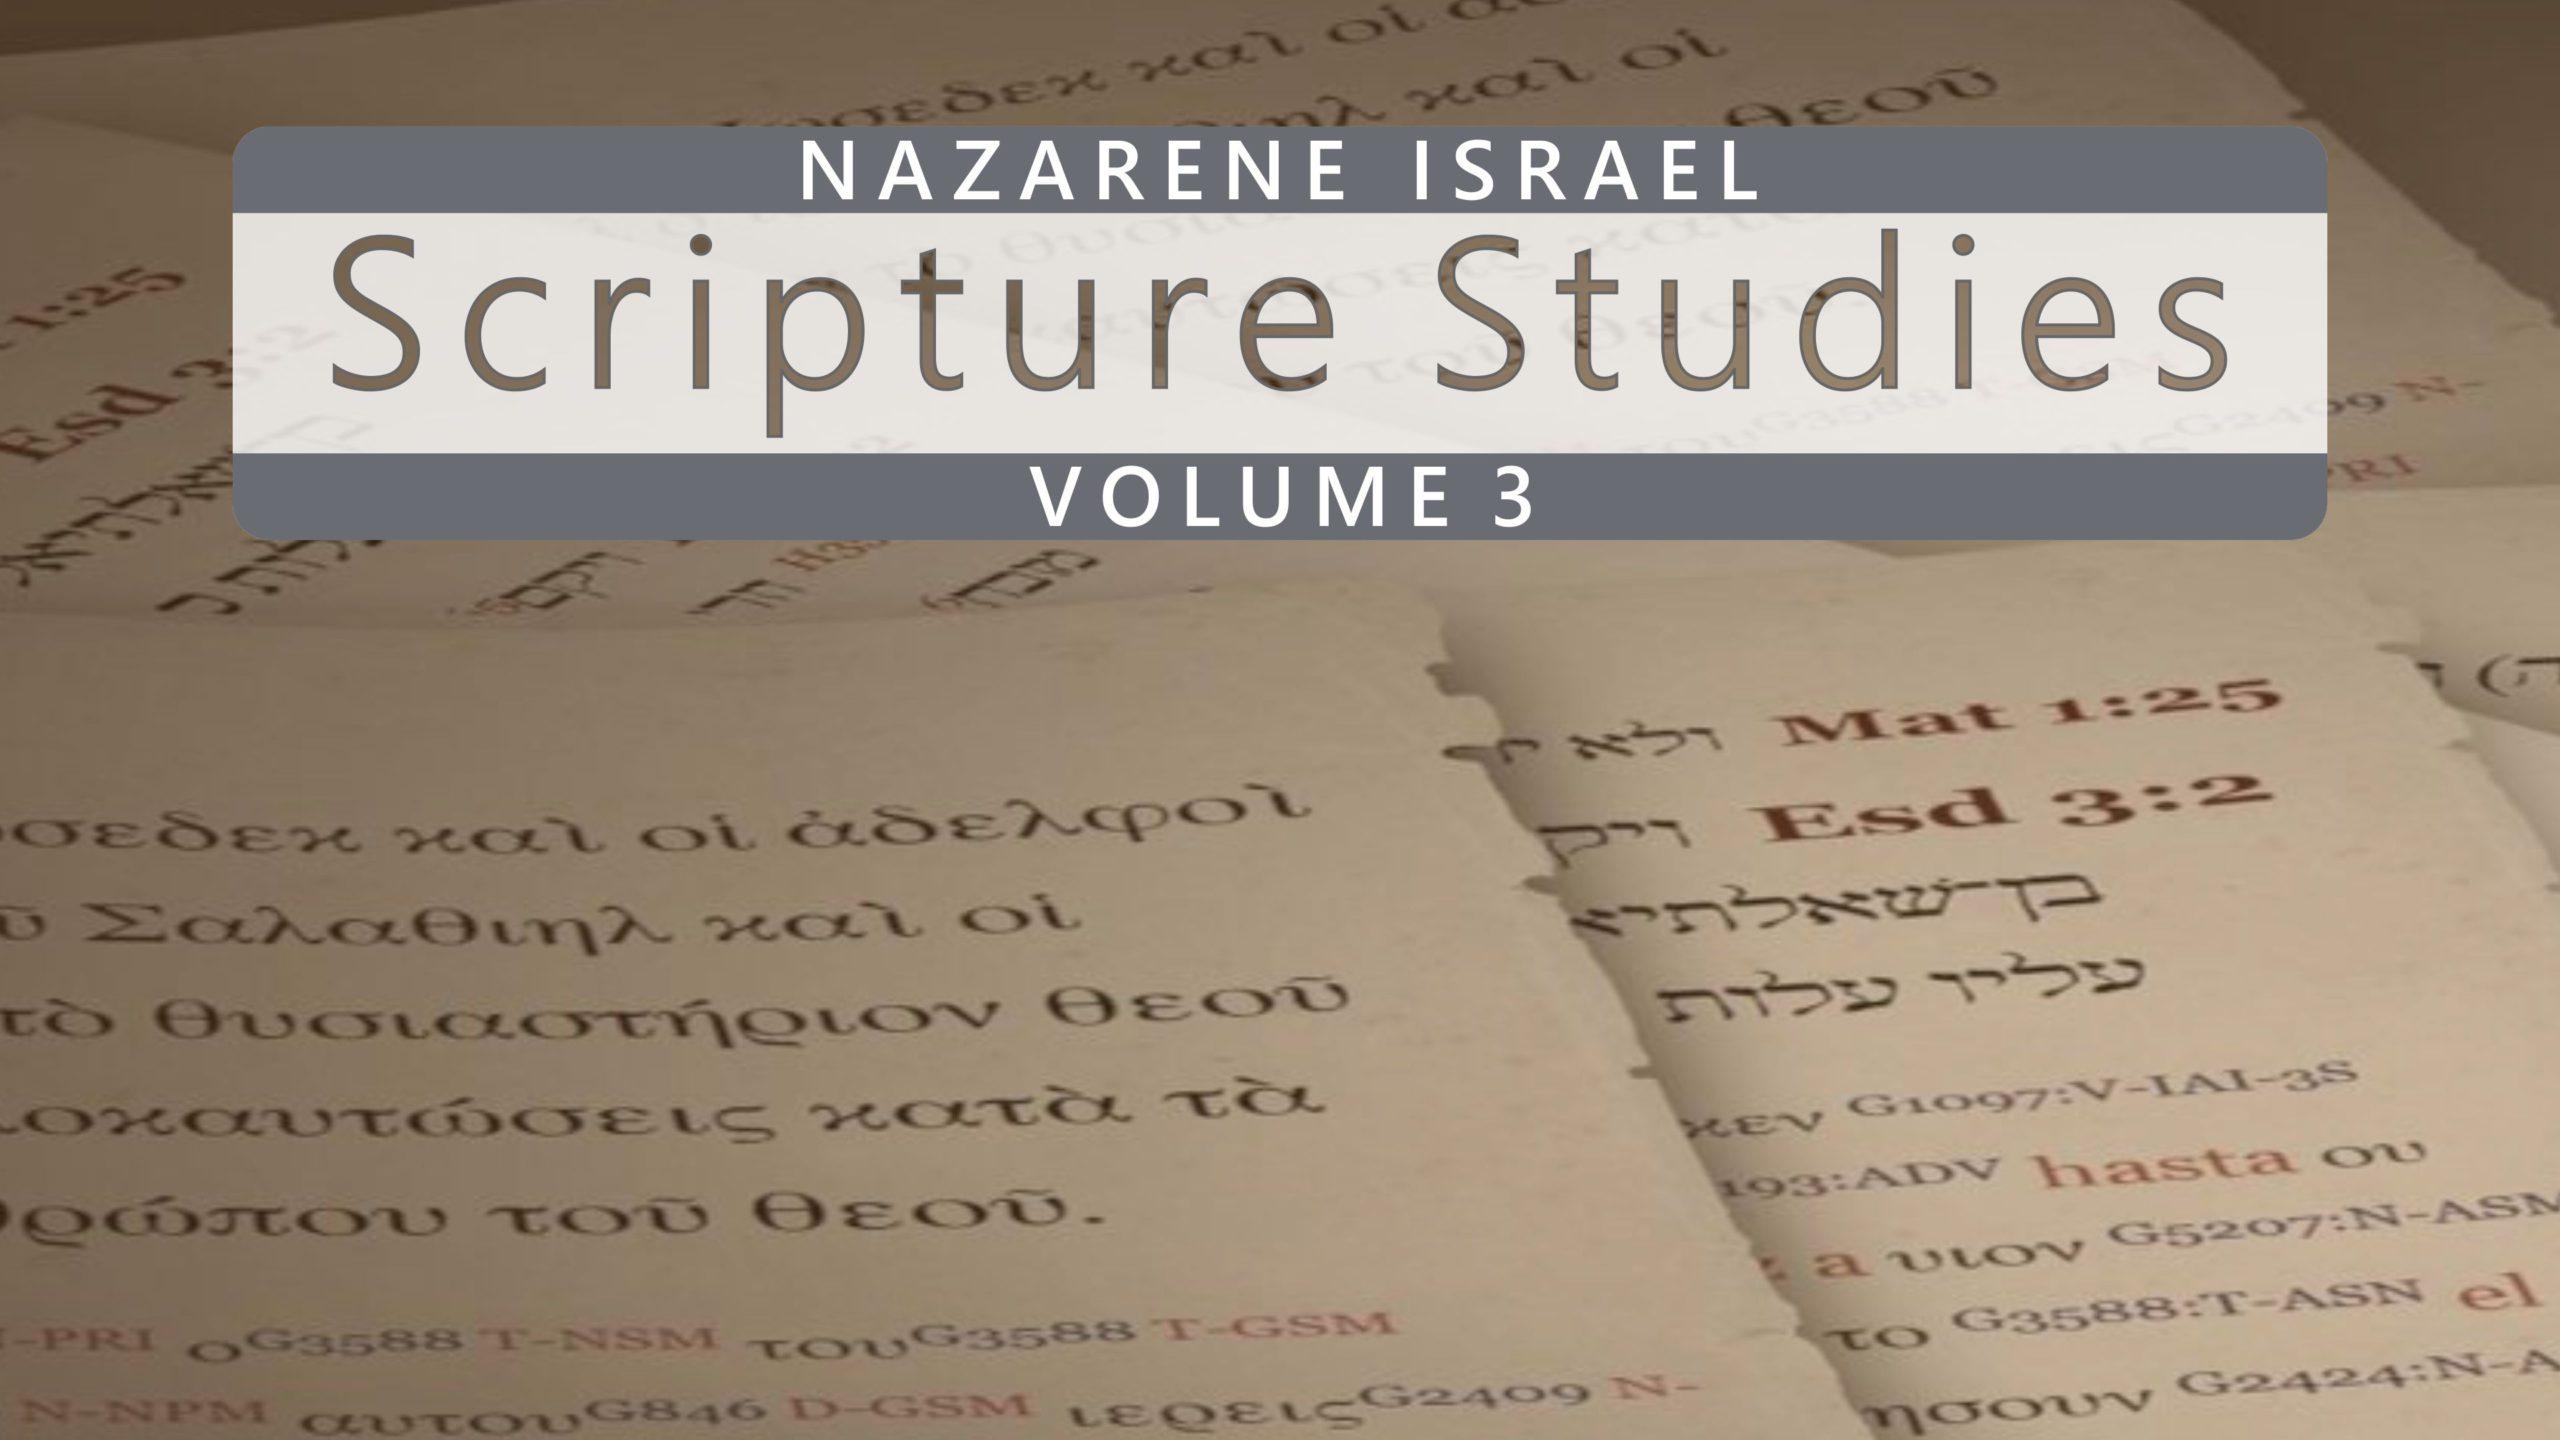 Nazarene Scripture Studies Vol. 3